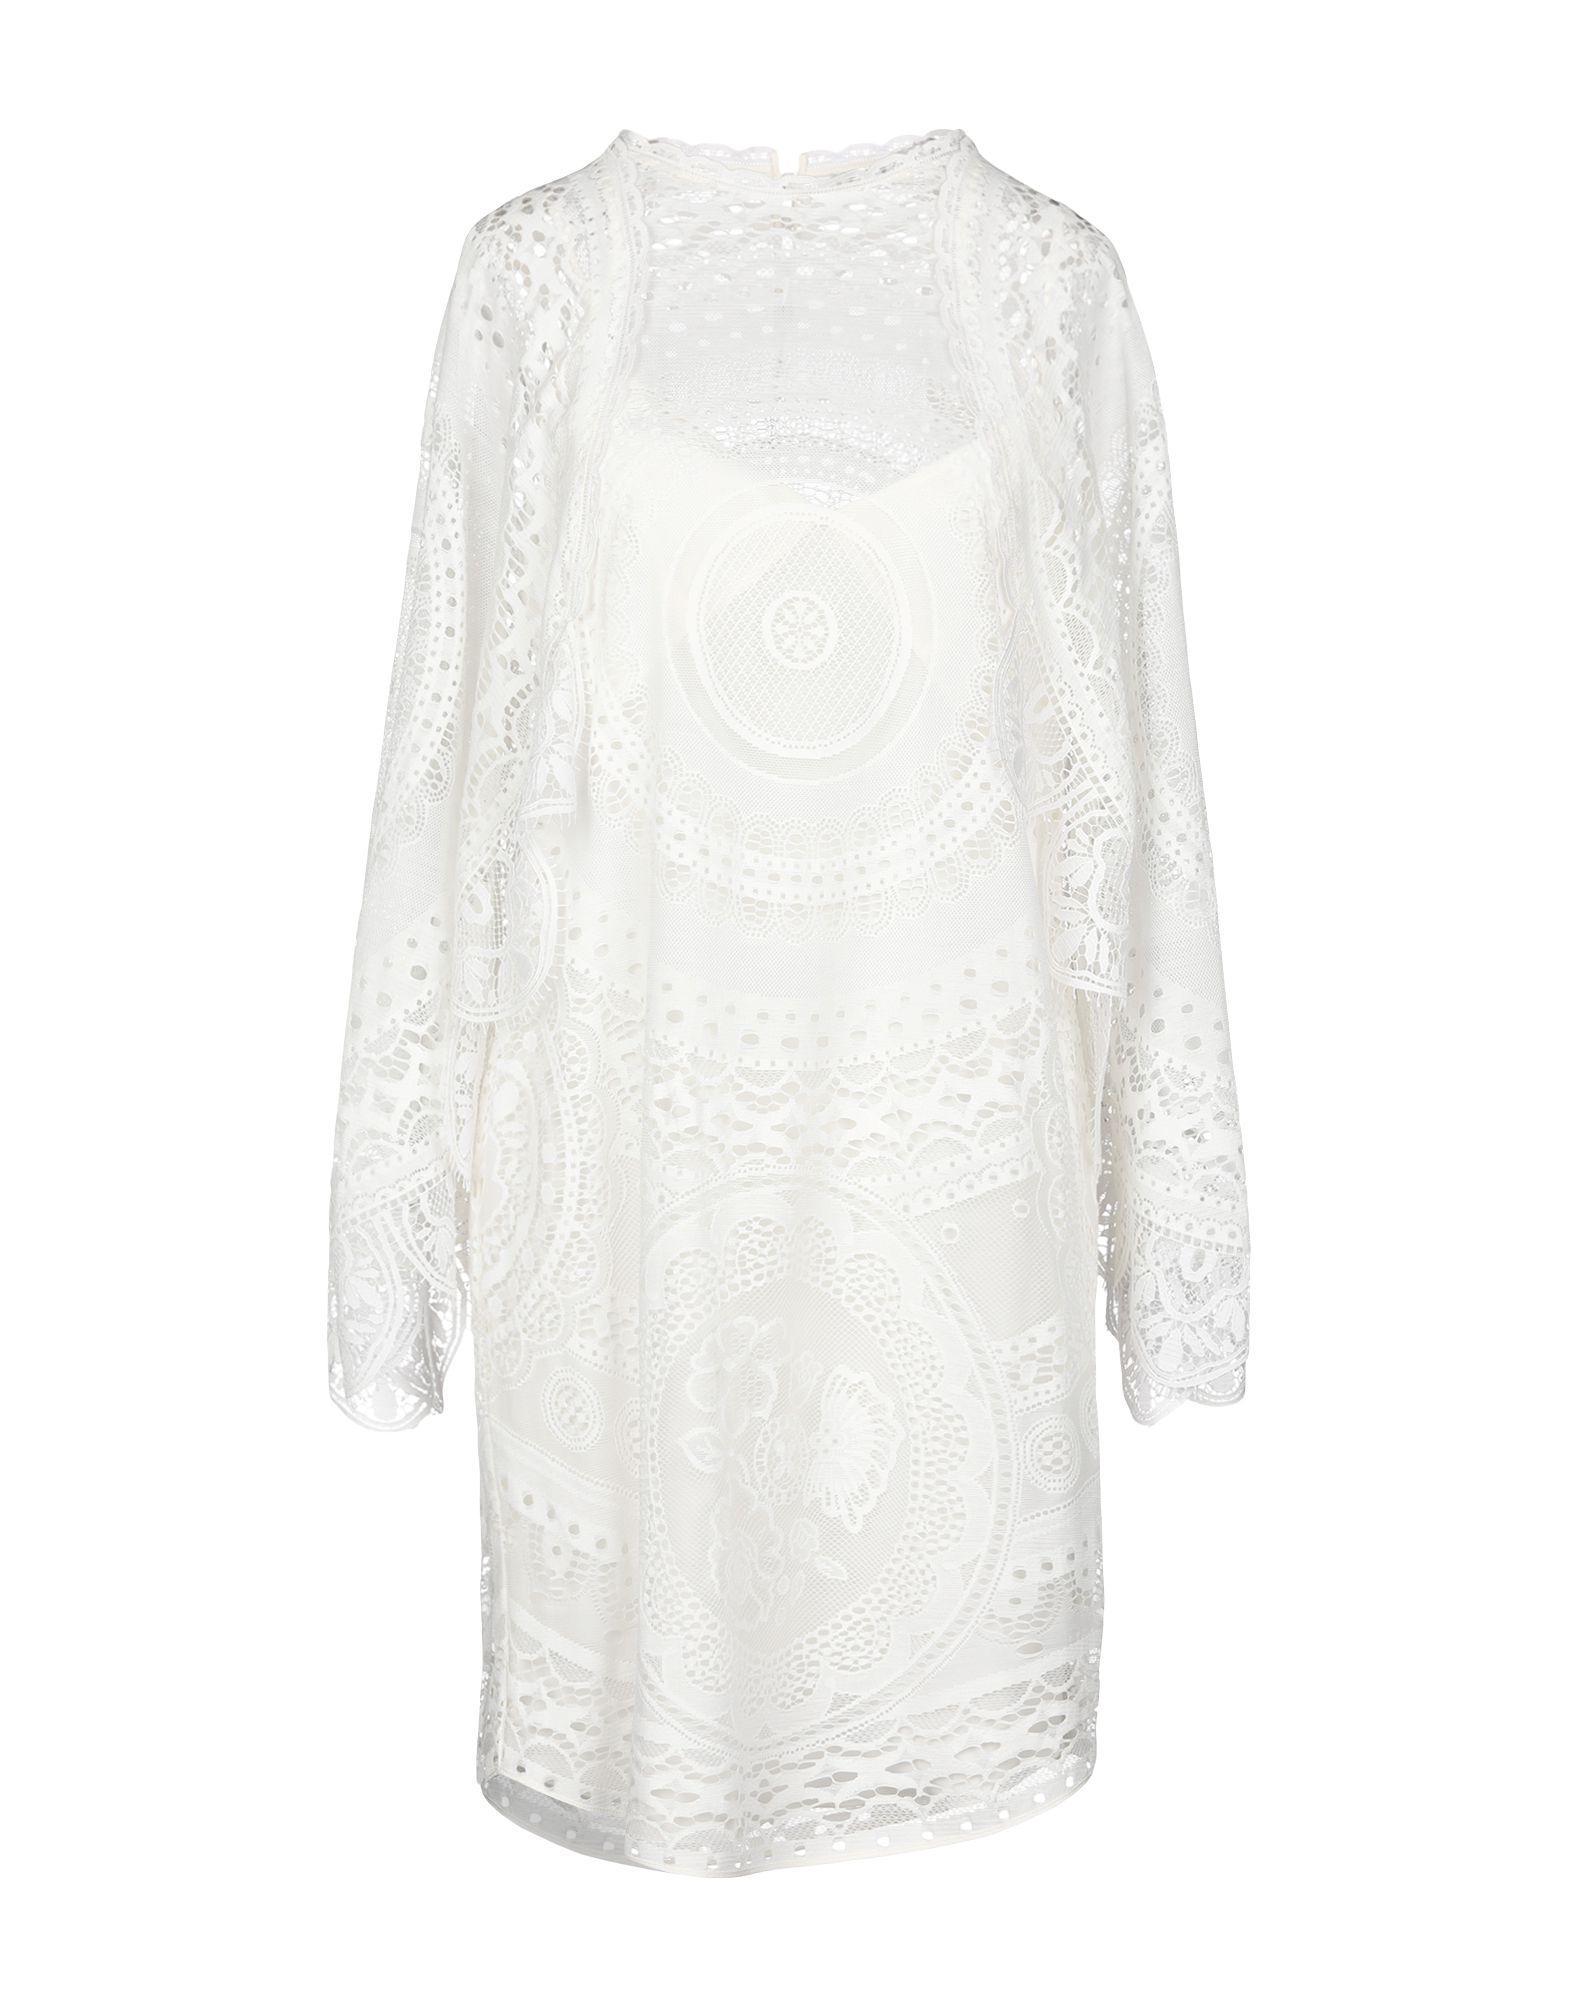 b0ffd8bdb24b Женская одежда белого цвета Chloe купить в интернет магазине ...